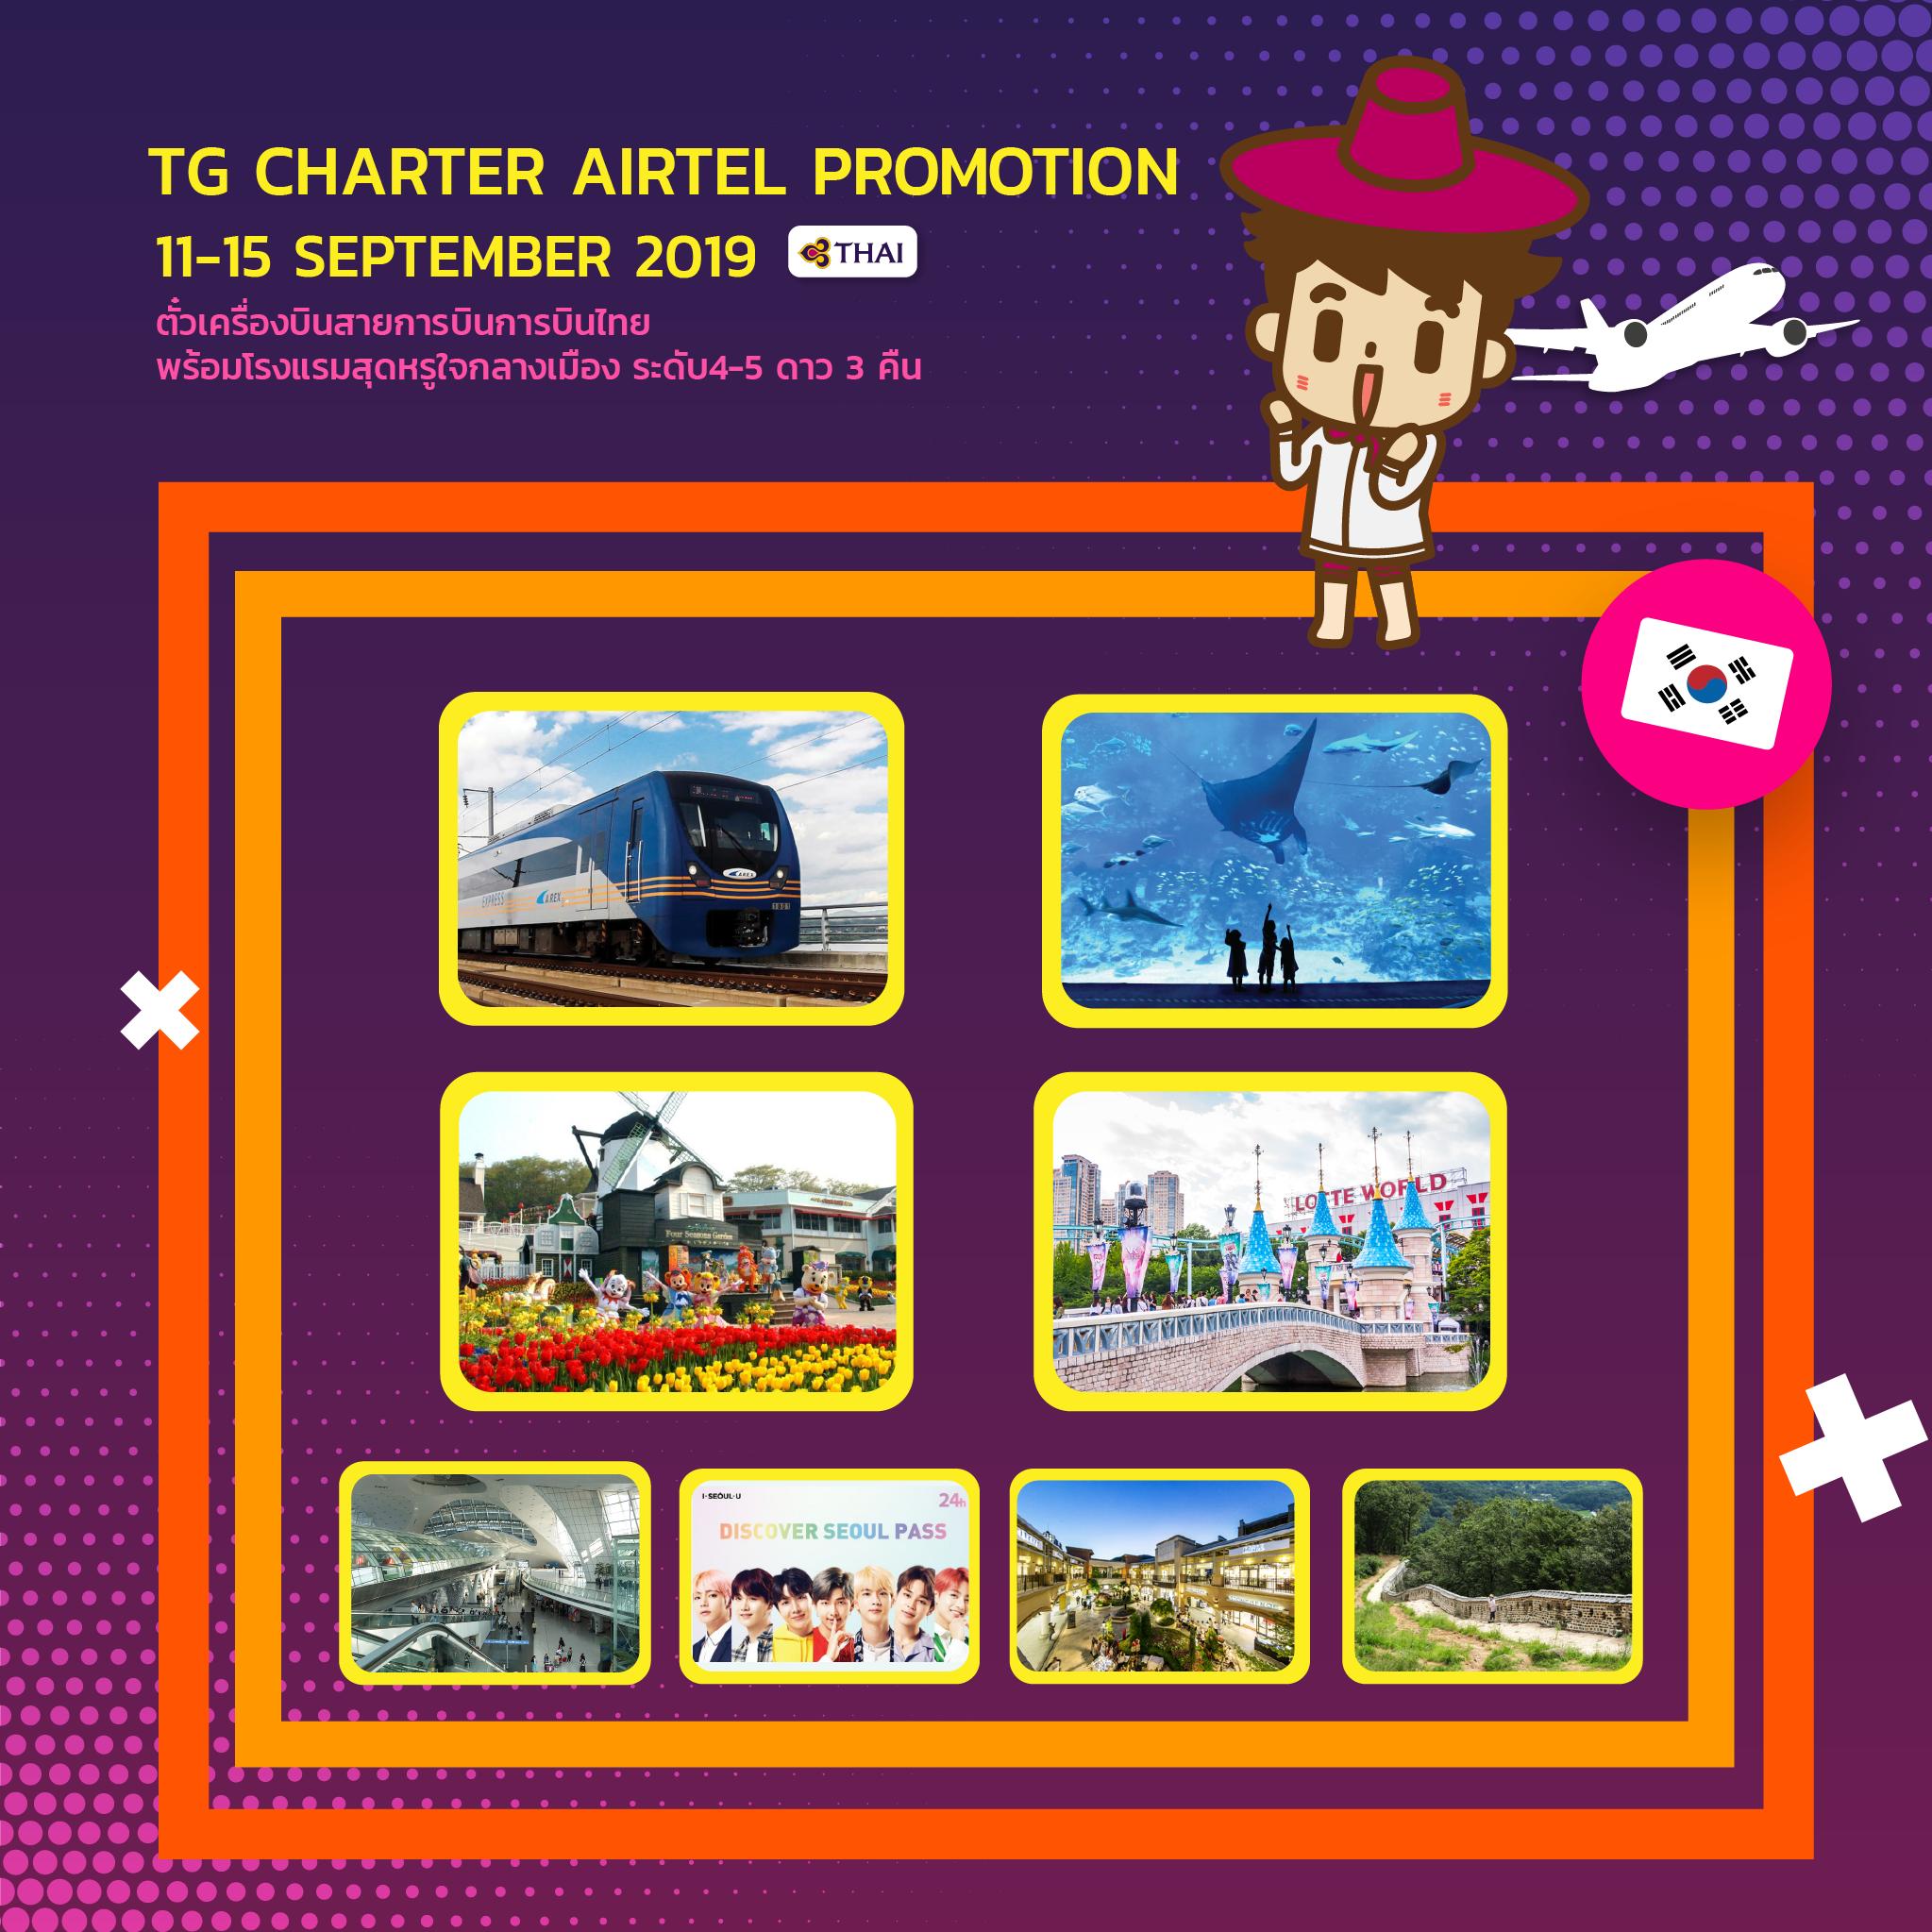 แพ็กเกจตั๋วเครื่องบินการบินไทย พร้อมโรงแรมสุดหรูใจกลางเมือง ราคาเริ่มต้น 16,900 บาท